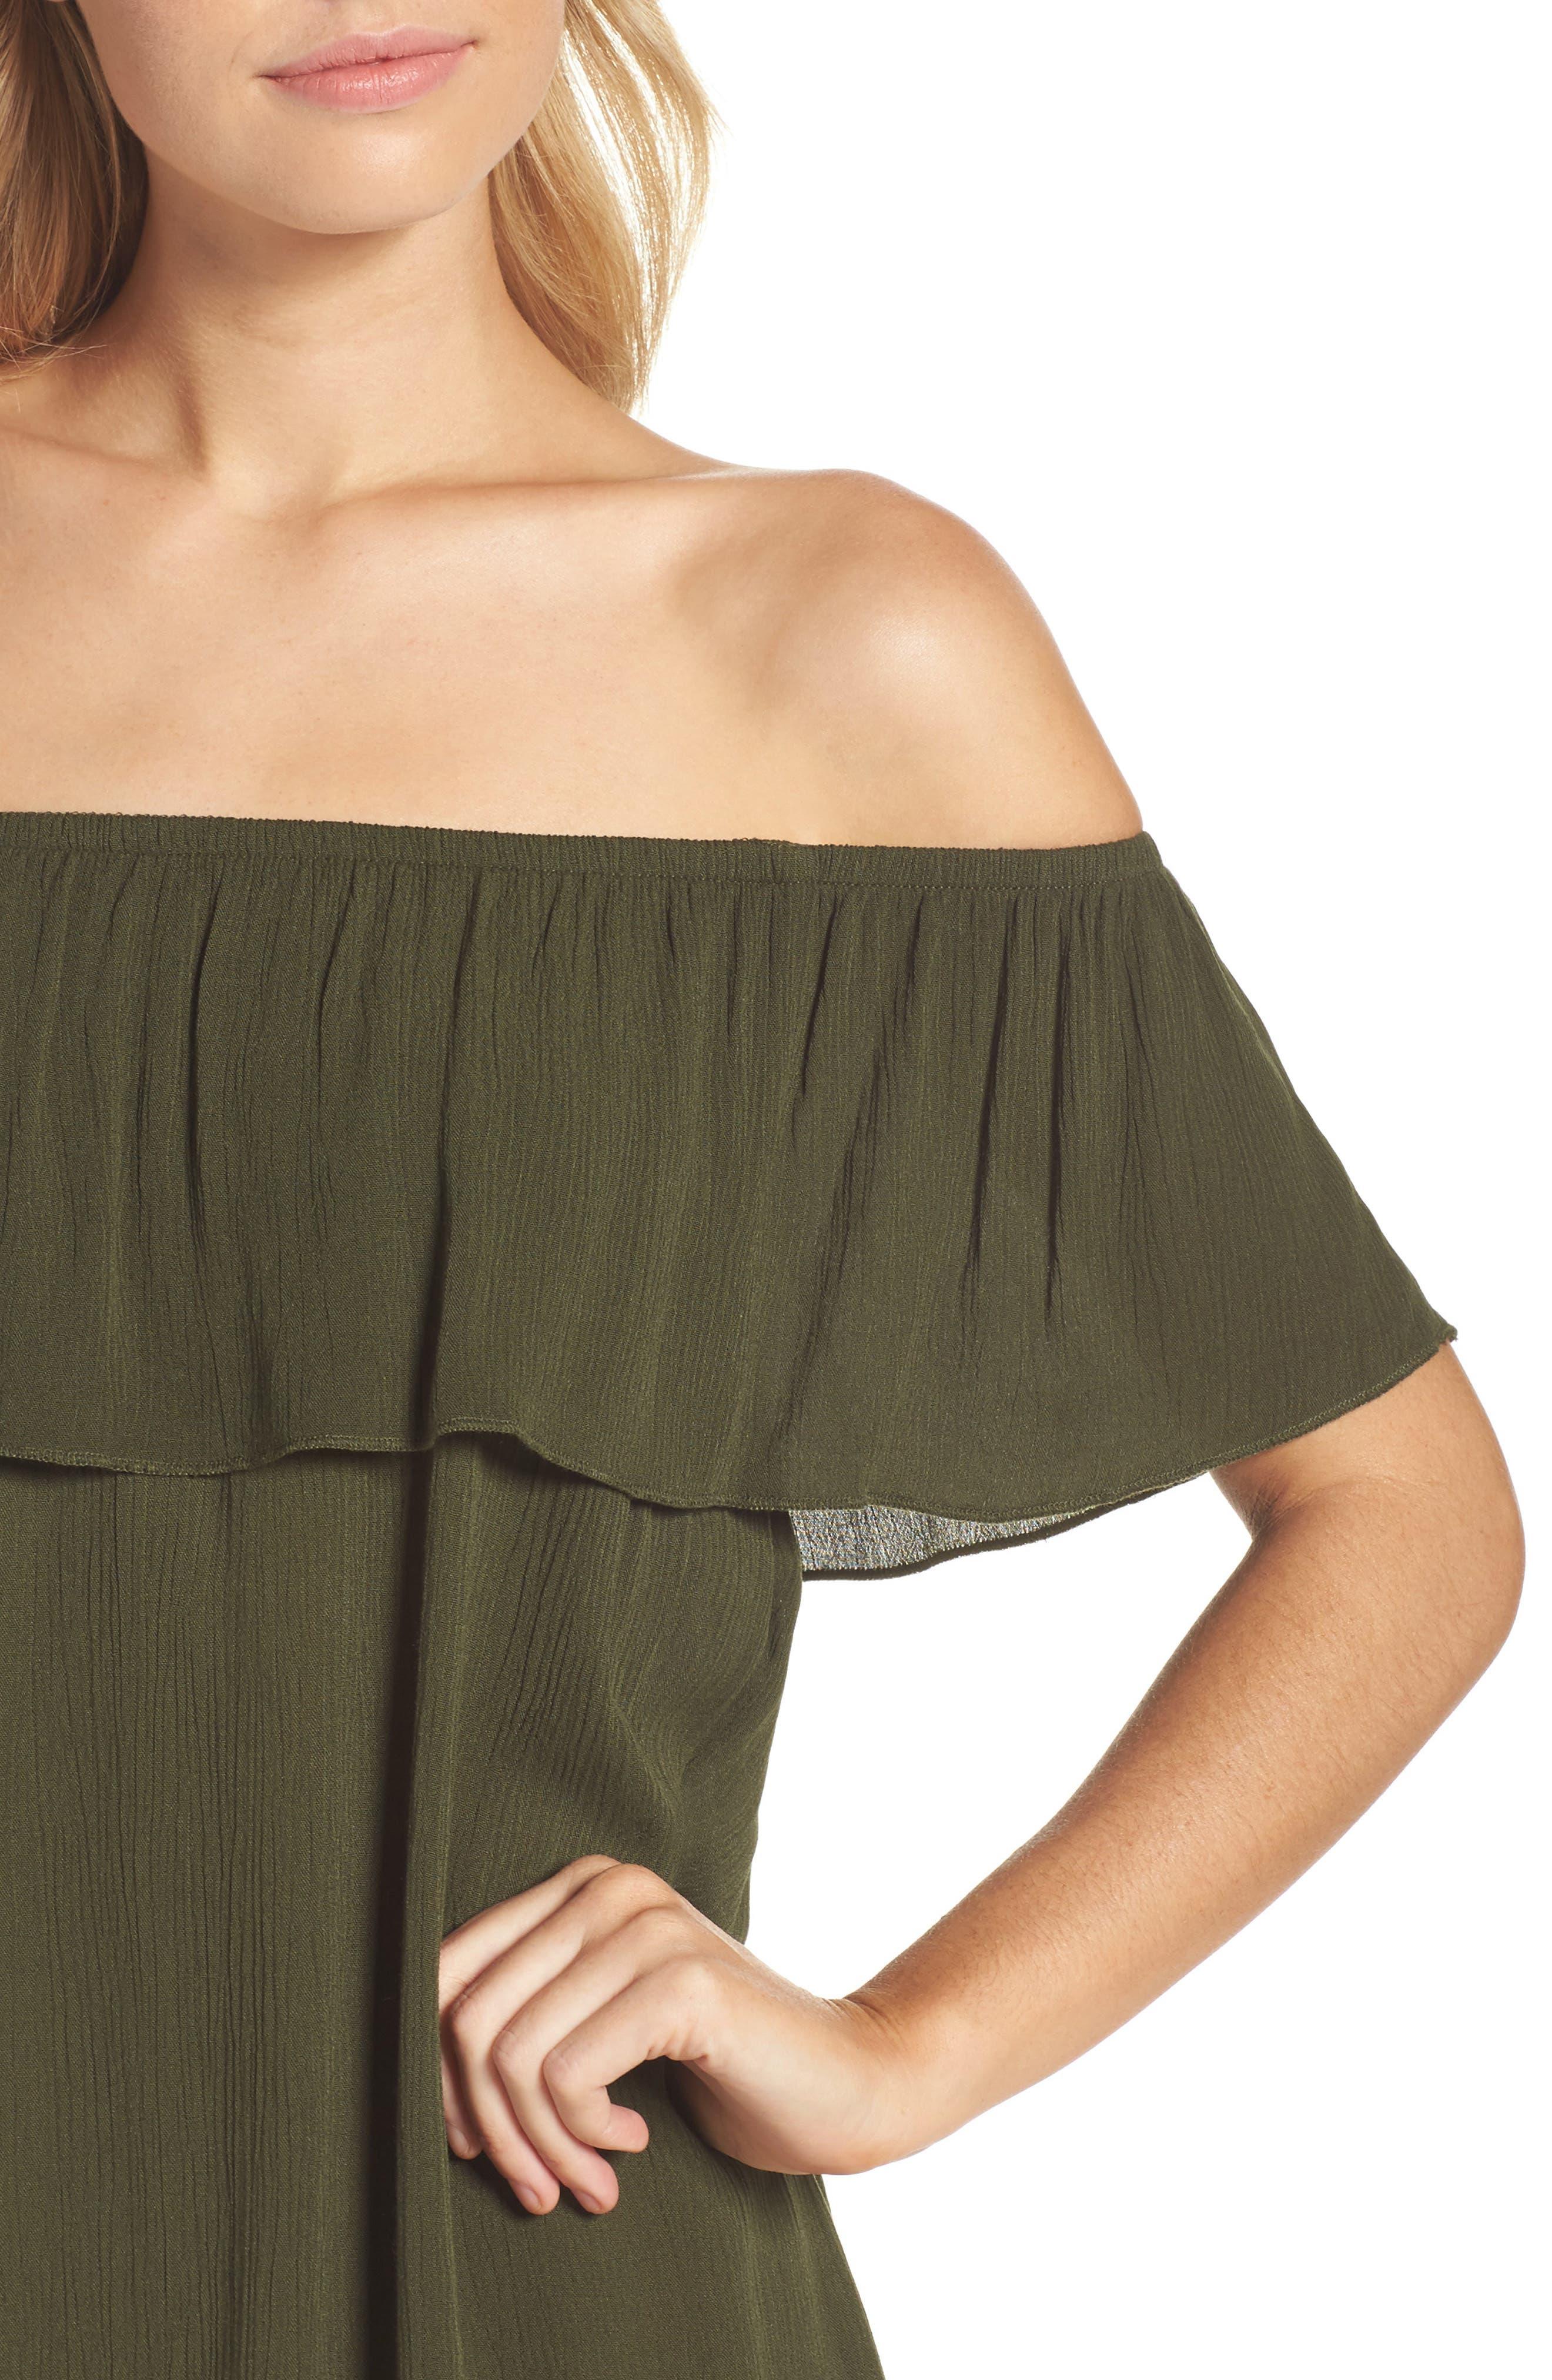 Southern Belle Off the Shoulder Cover-Up Dress,                             Alternate thumbnail 4, color,                             Bay Leaf